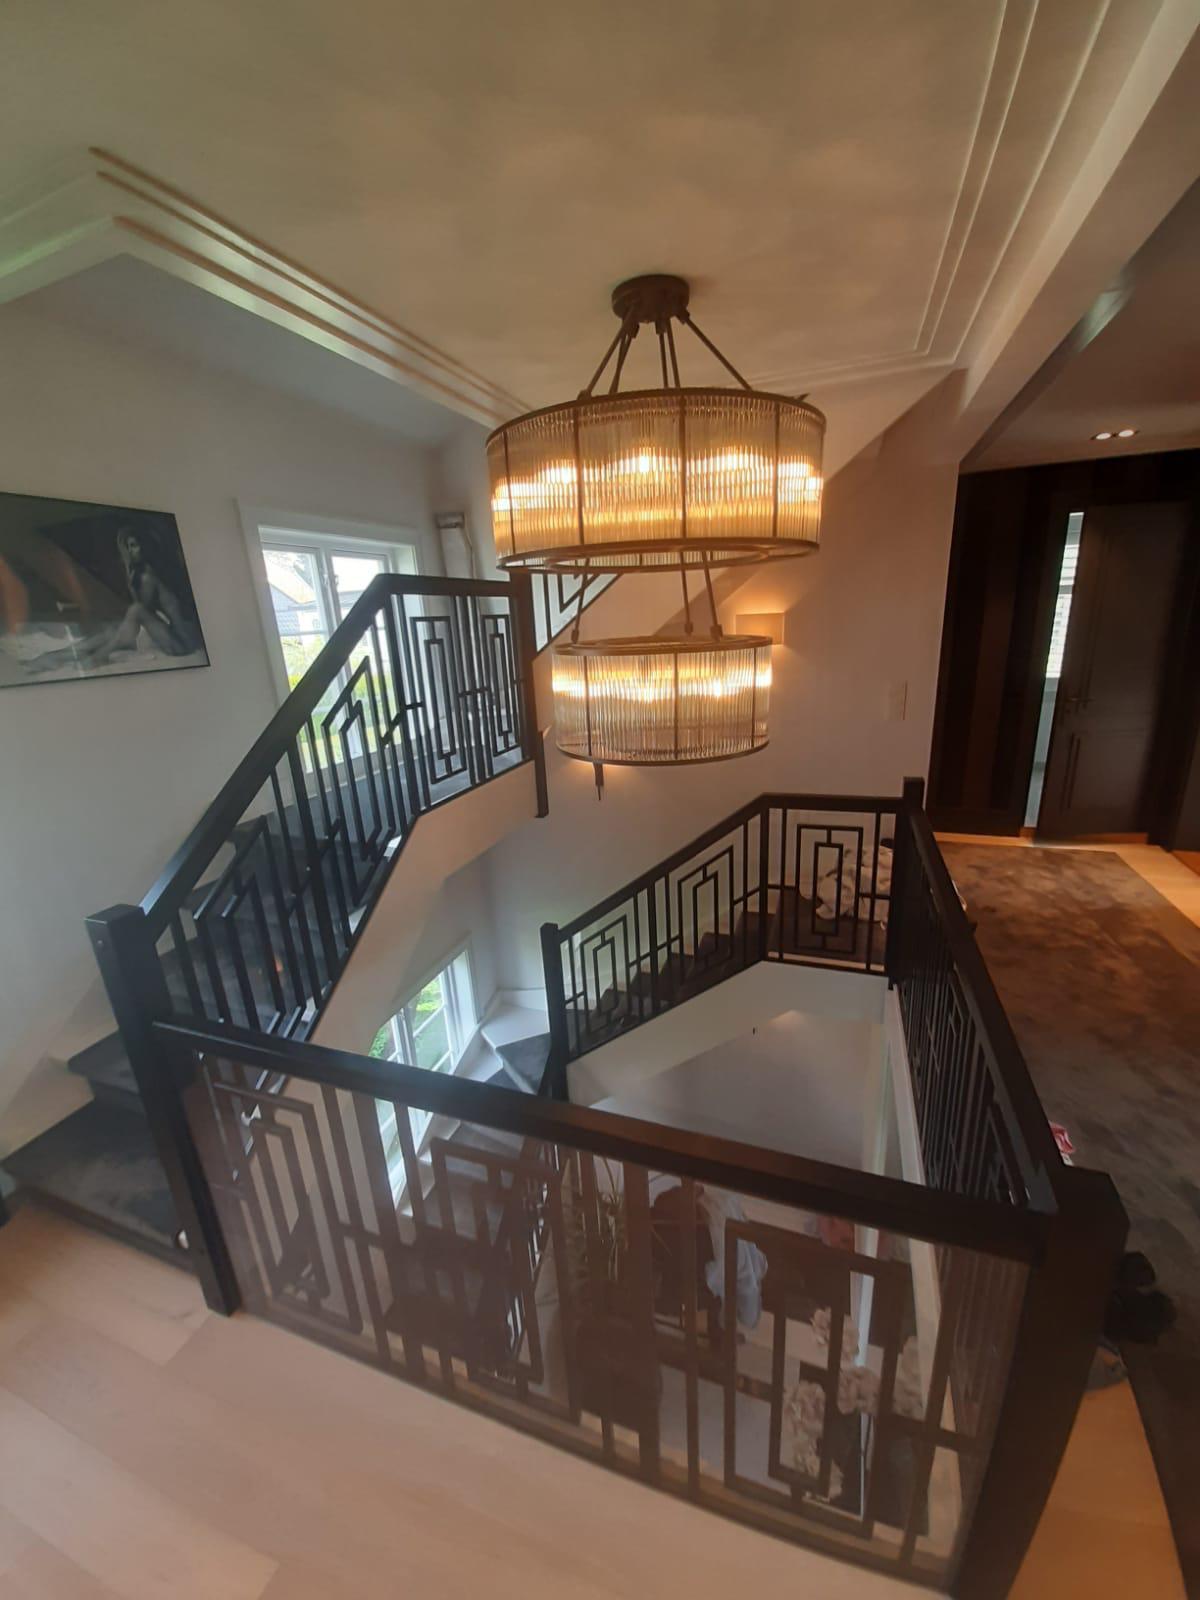 Majestetisk trapp med teppe